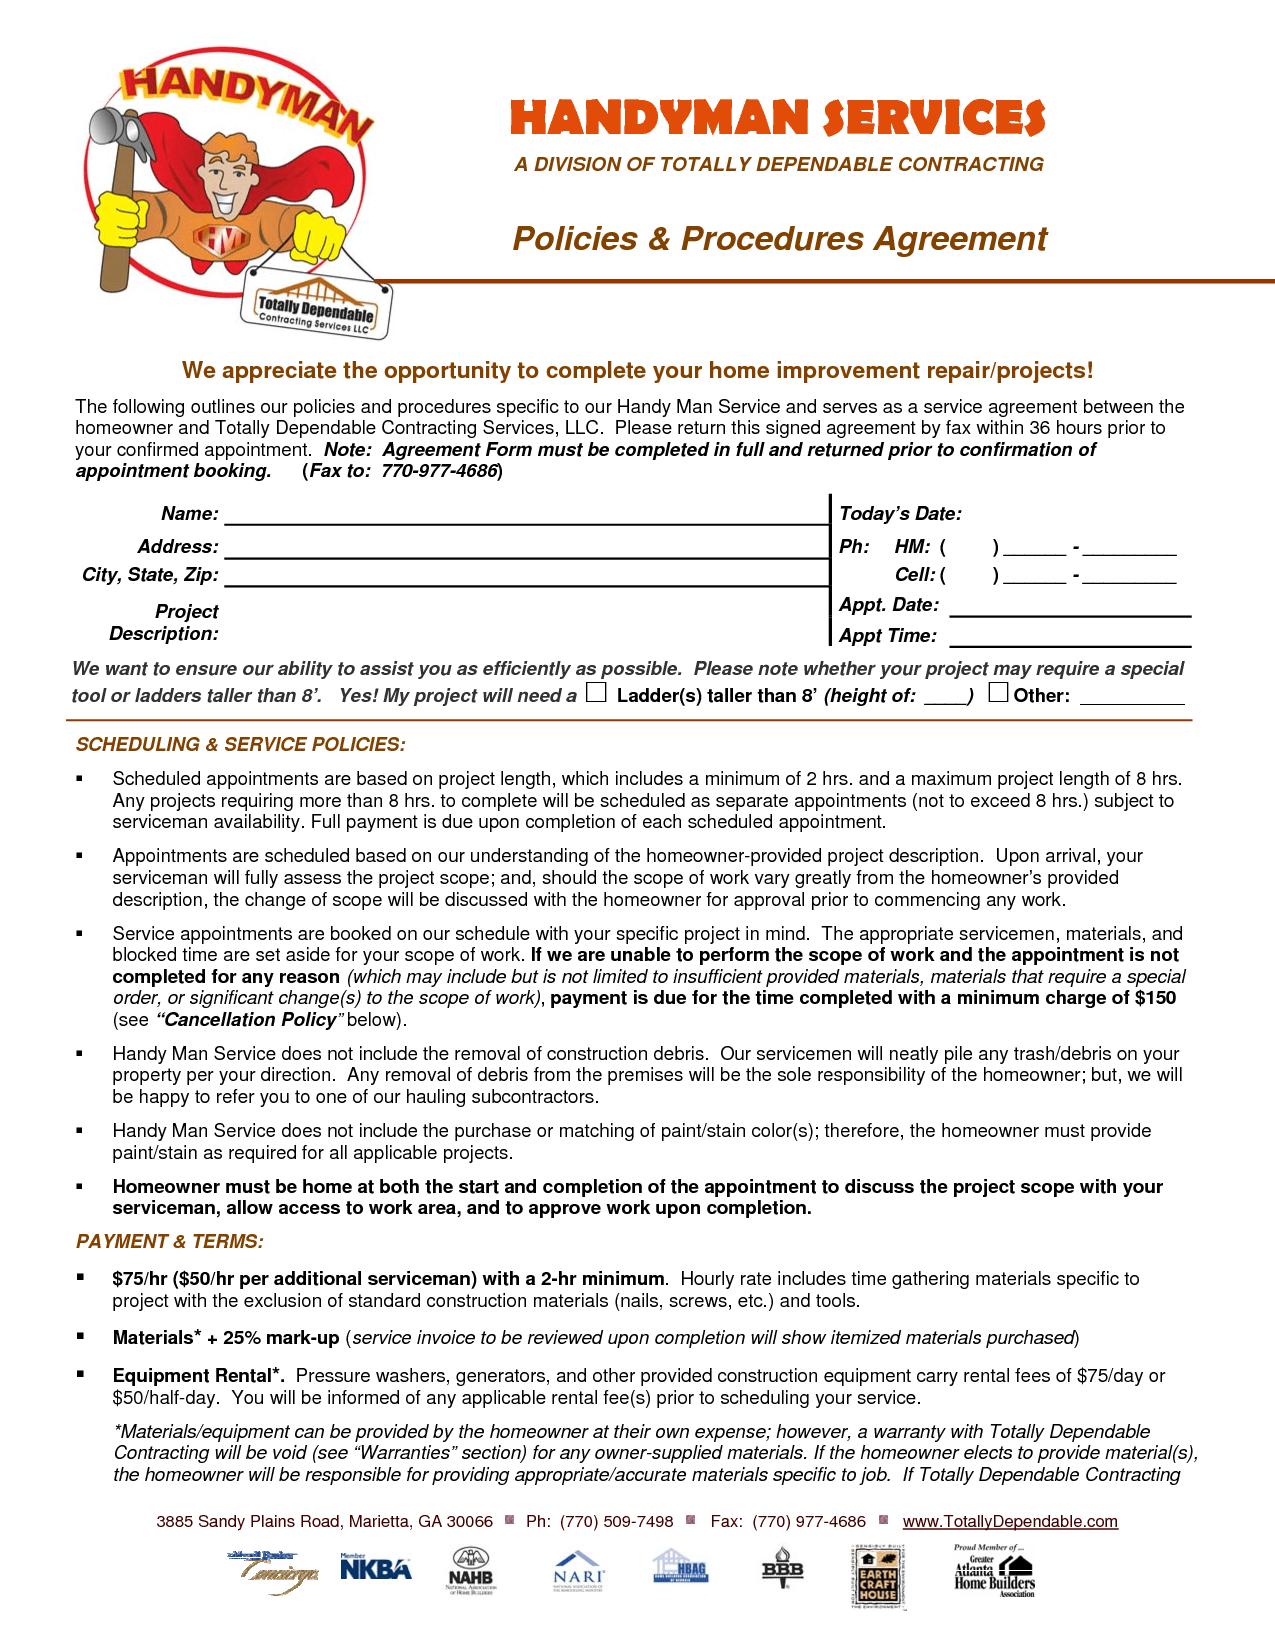 Barmax essay grading criteria